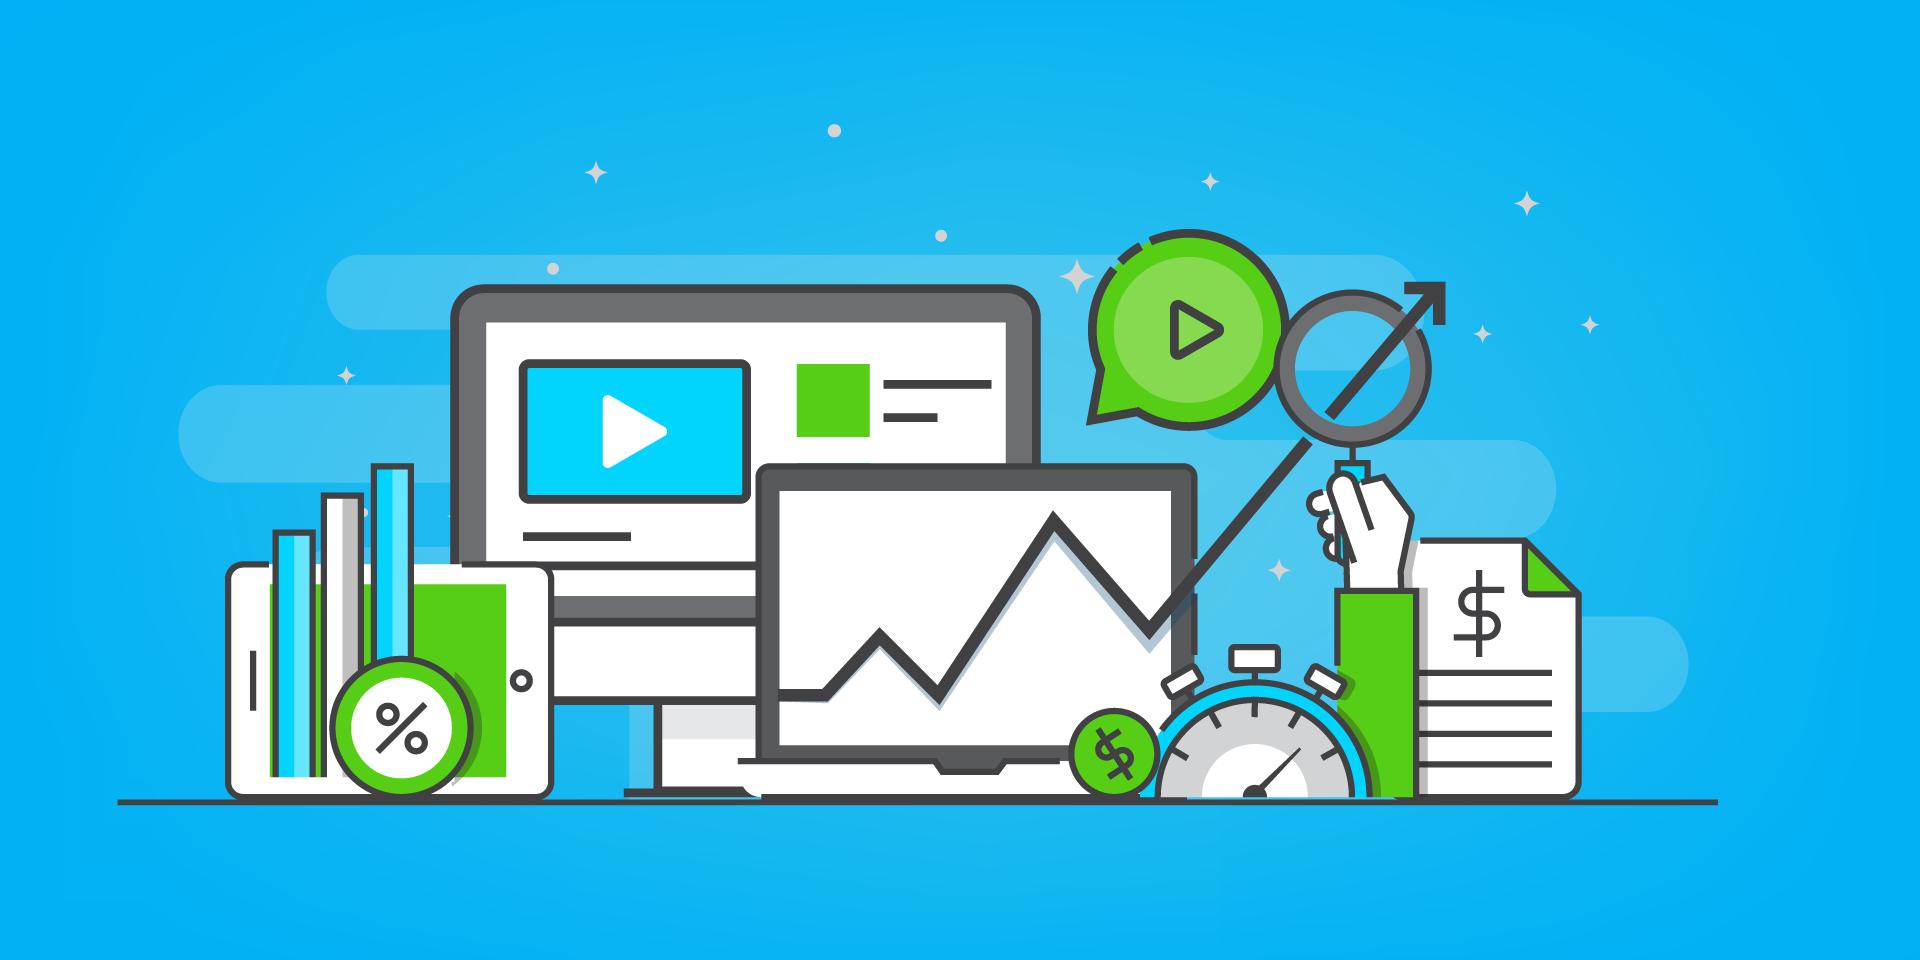 Vídeos Explicativos Podem unir equipes de Vendas e Marketing? | VFX